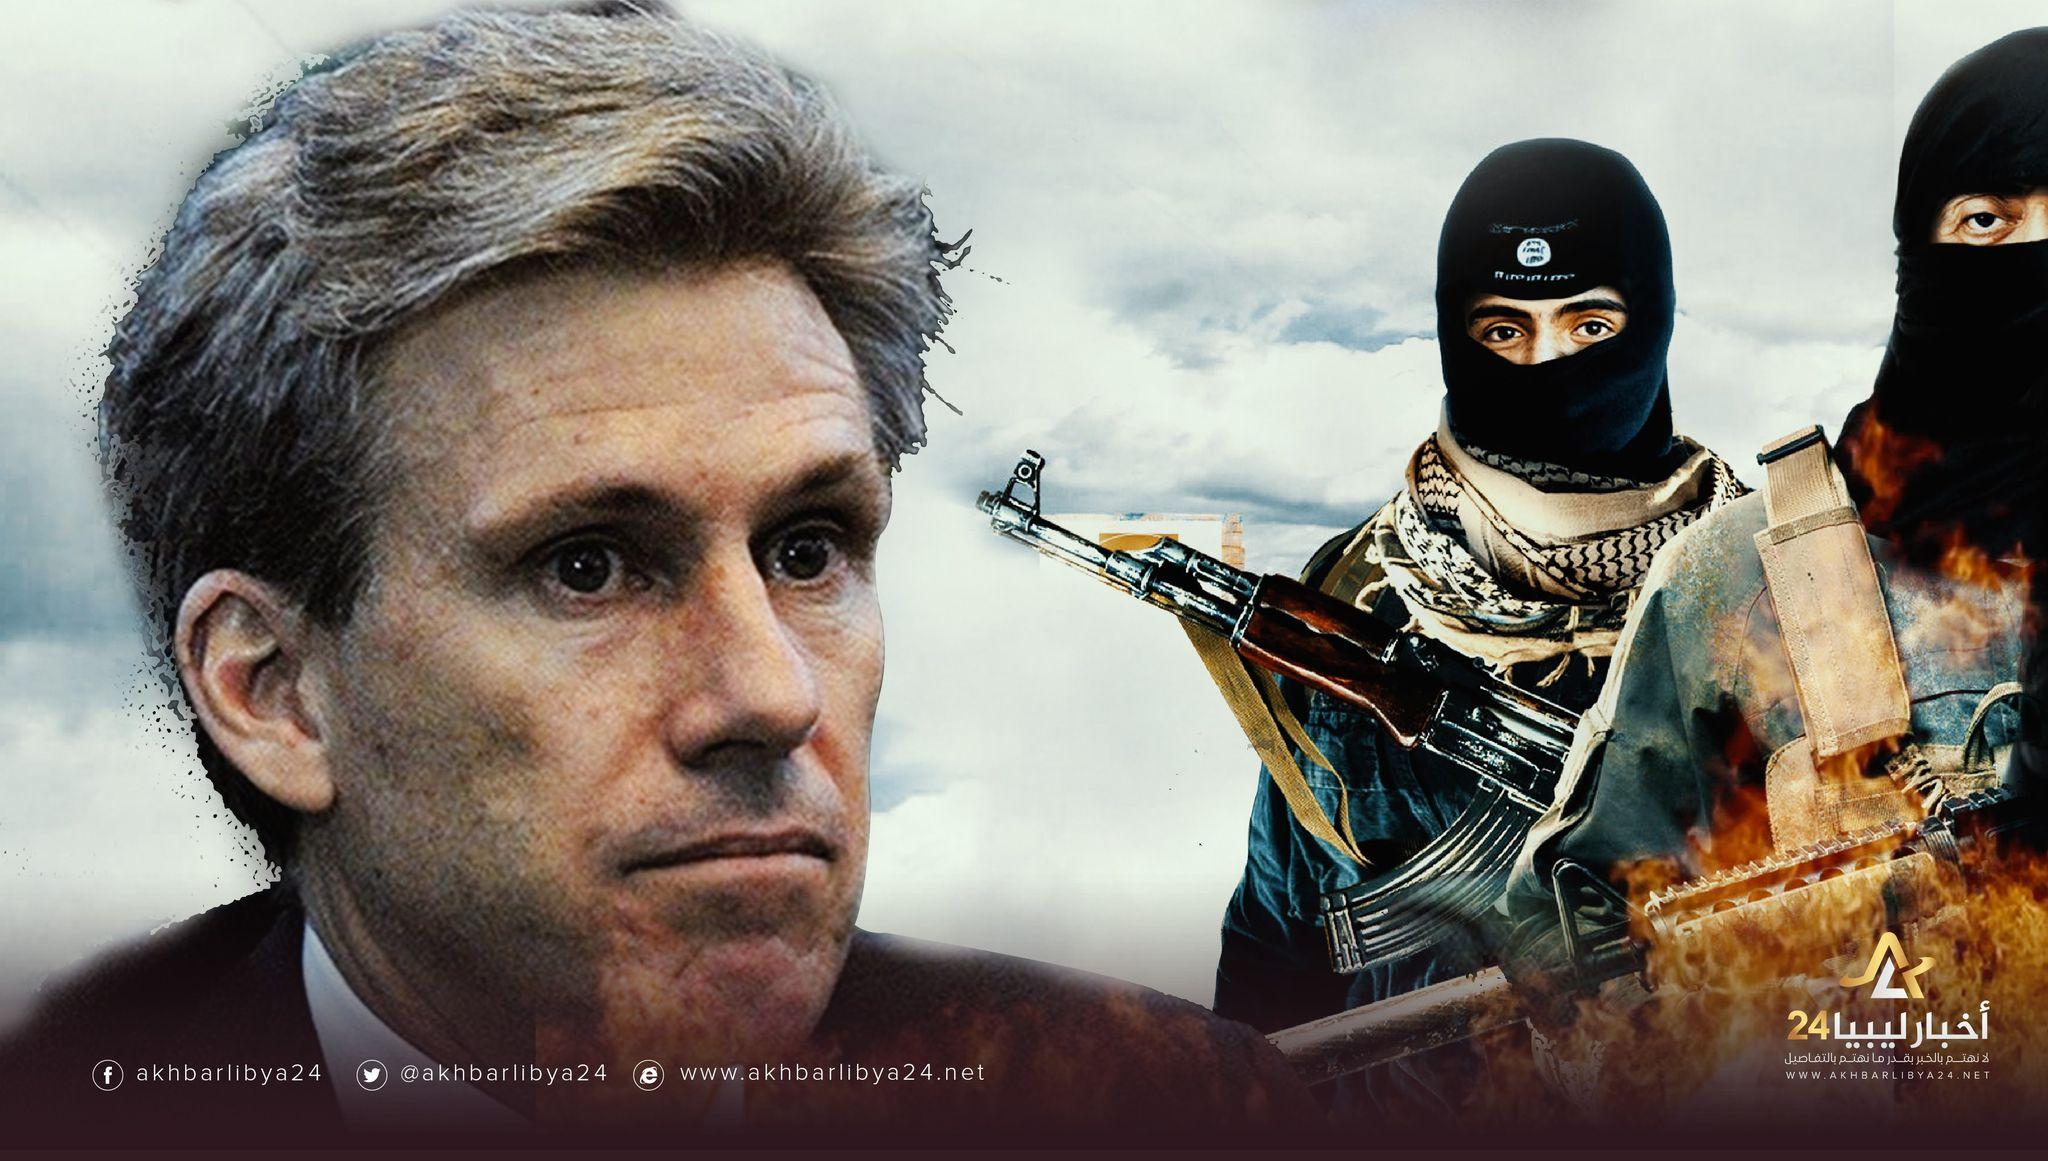 صورة القنصلية لم تكن محصنة .. الذكري الثامنة لمقتل السفير الأمريكي في بنغازي